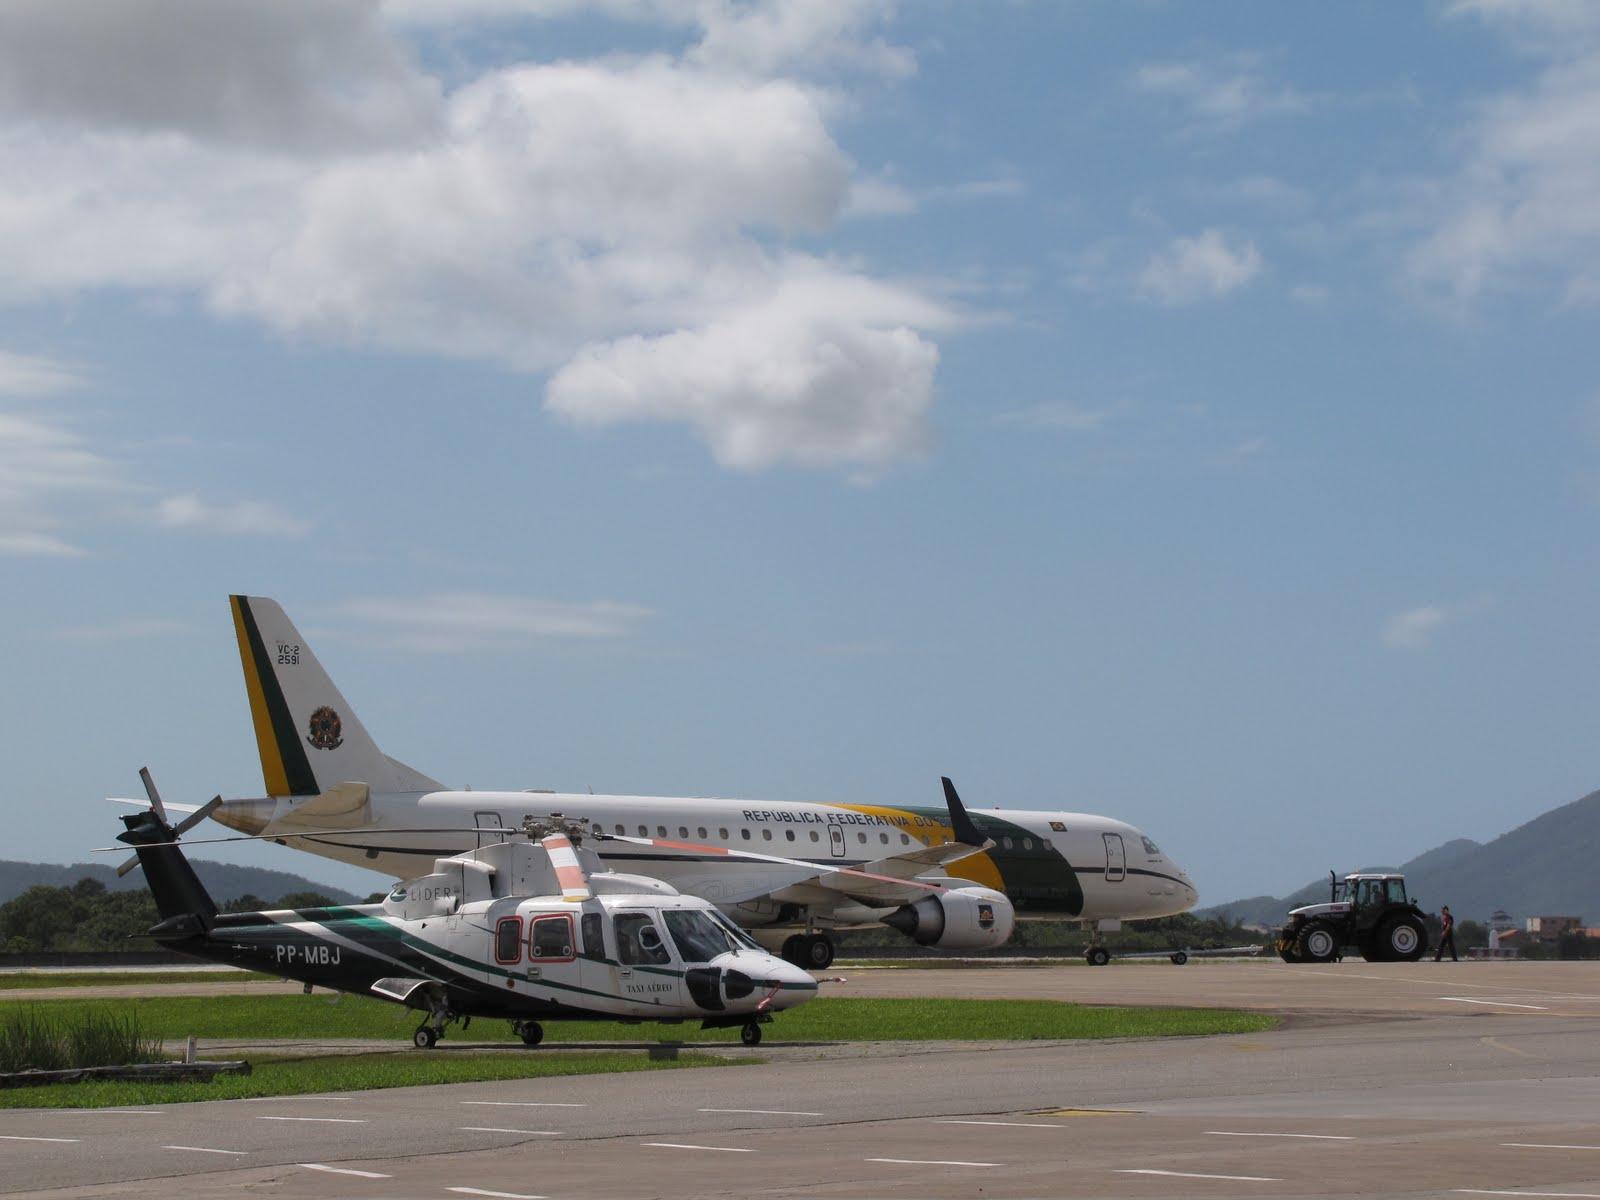 Aeroporto Navegantes Santa Catarina : Aeroporto internacional de navegantes setembro